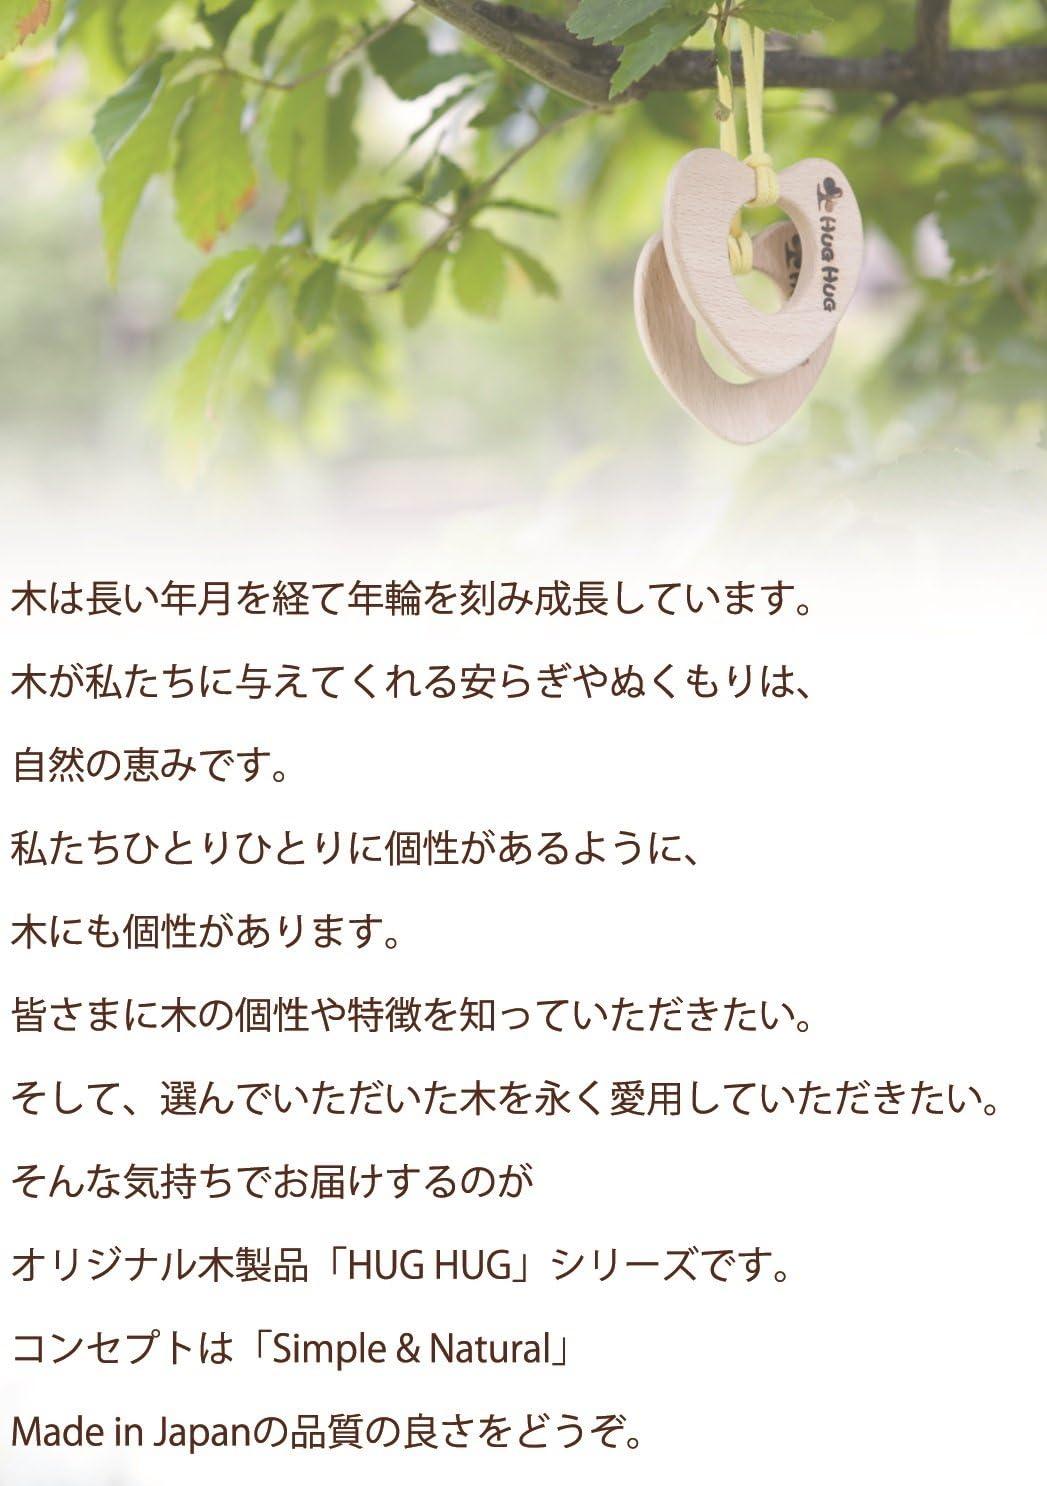 日本国内生産 丈夫で可愛い「仲良しキッチン」《 手づくり木のおもちゃHUG HUG(はぐはぐ)》